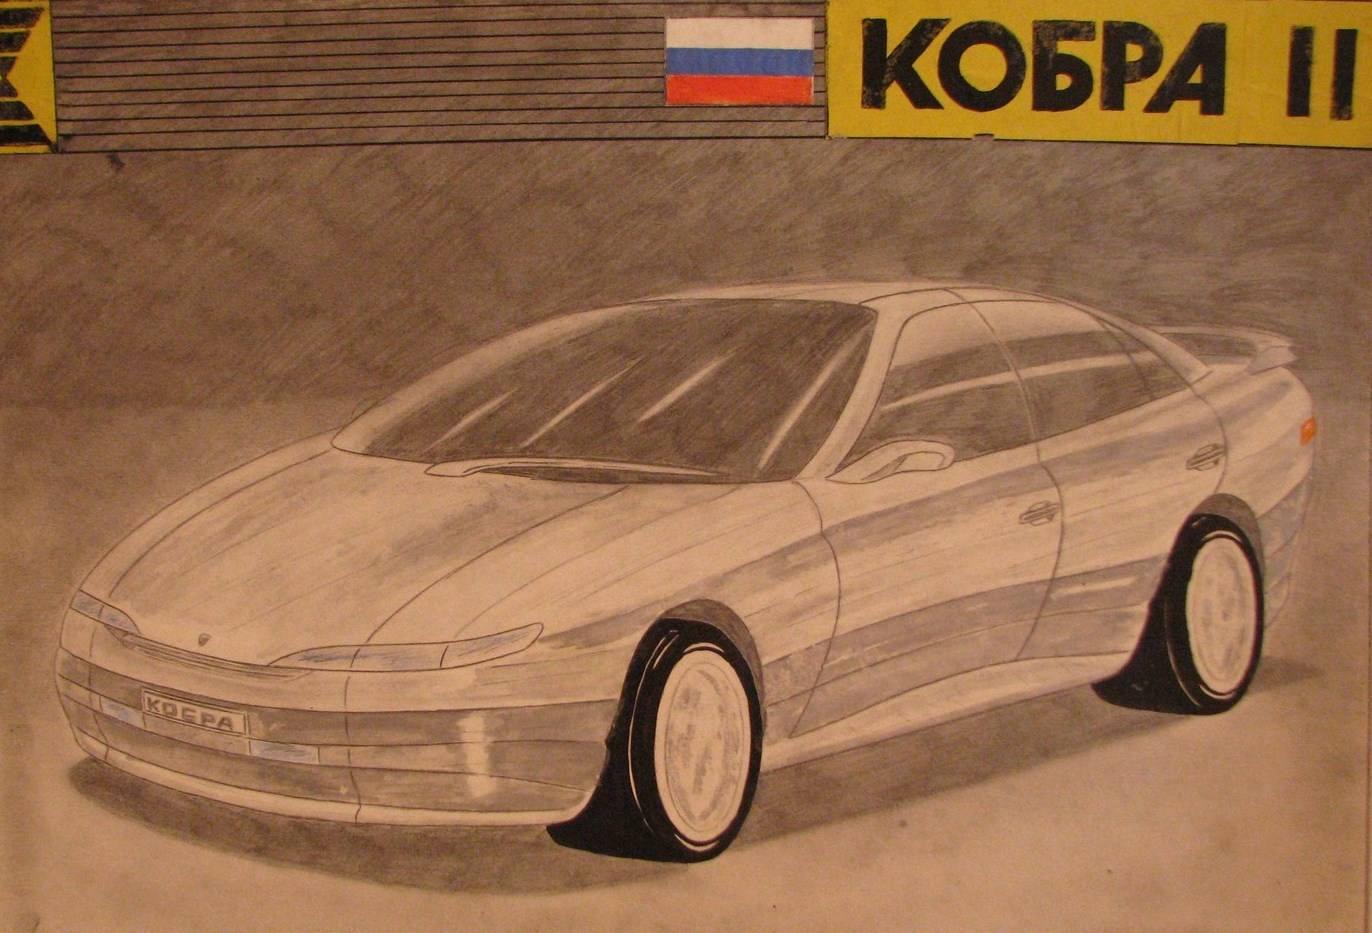 1991. Kobra II